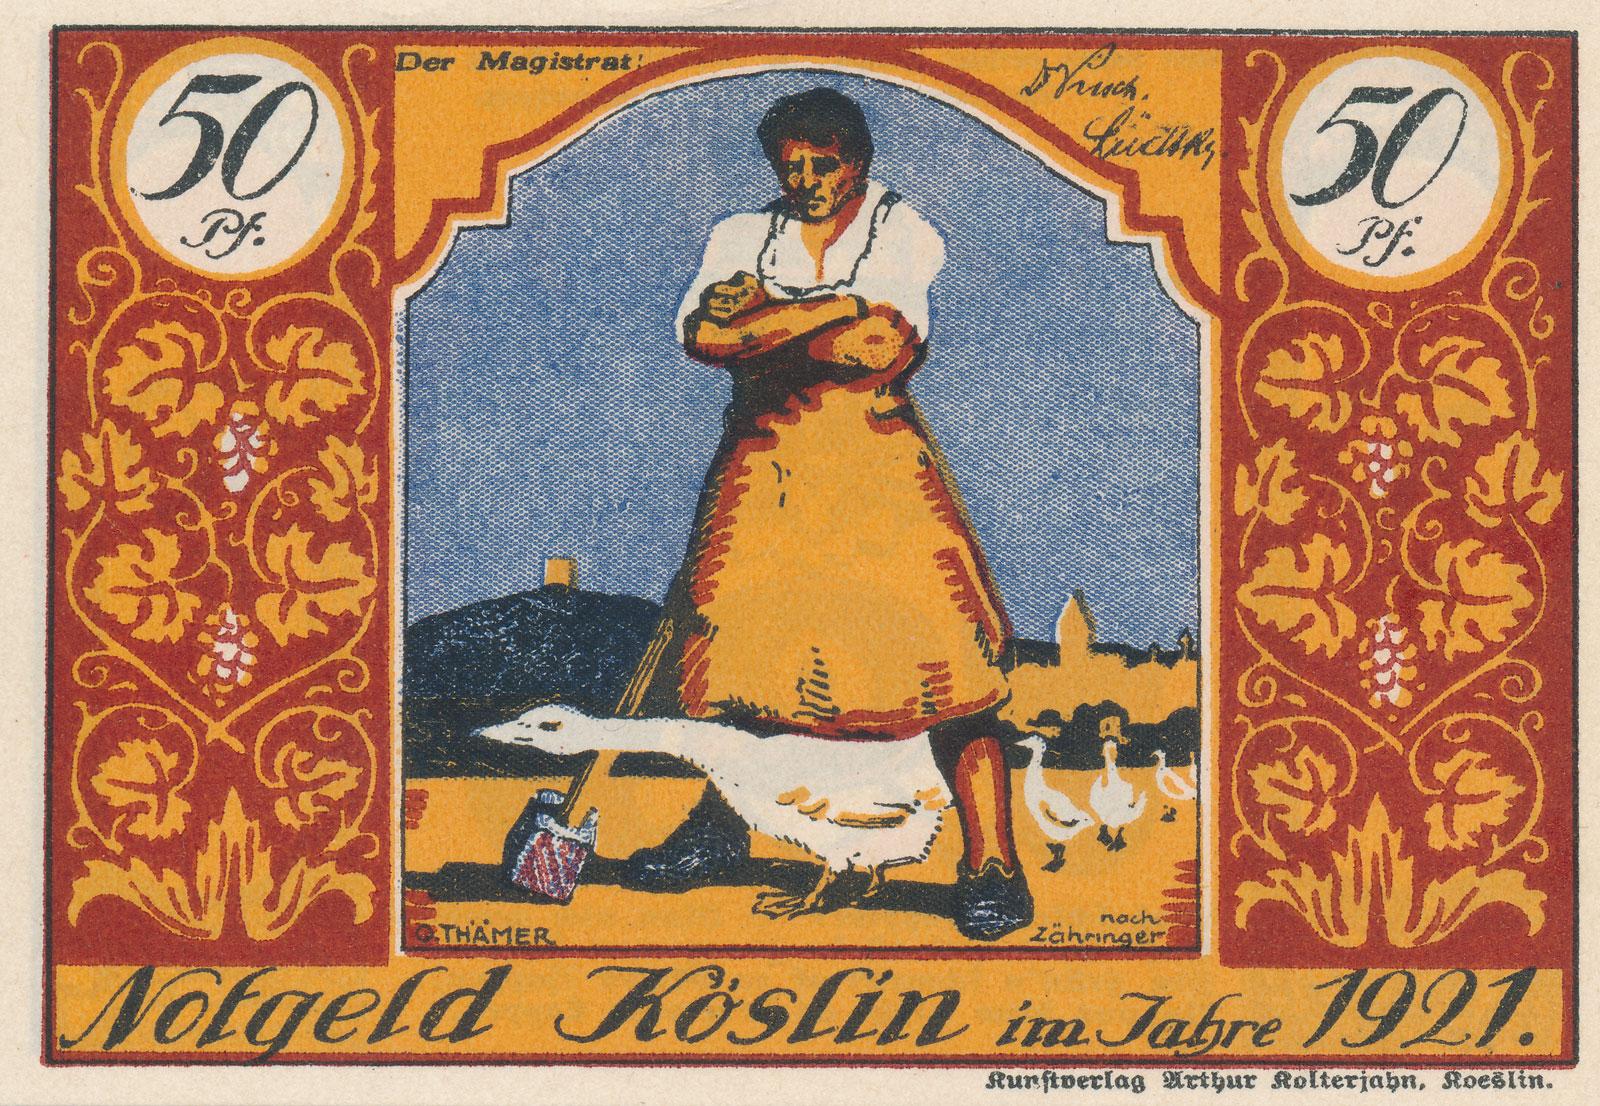 Koszaliński banknot targowy, 1921.